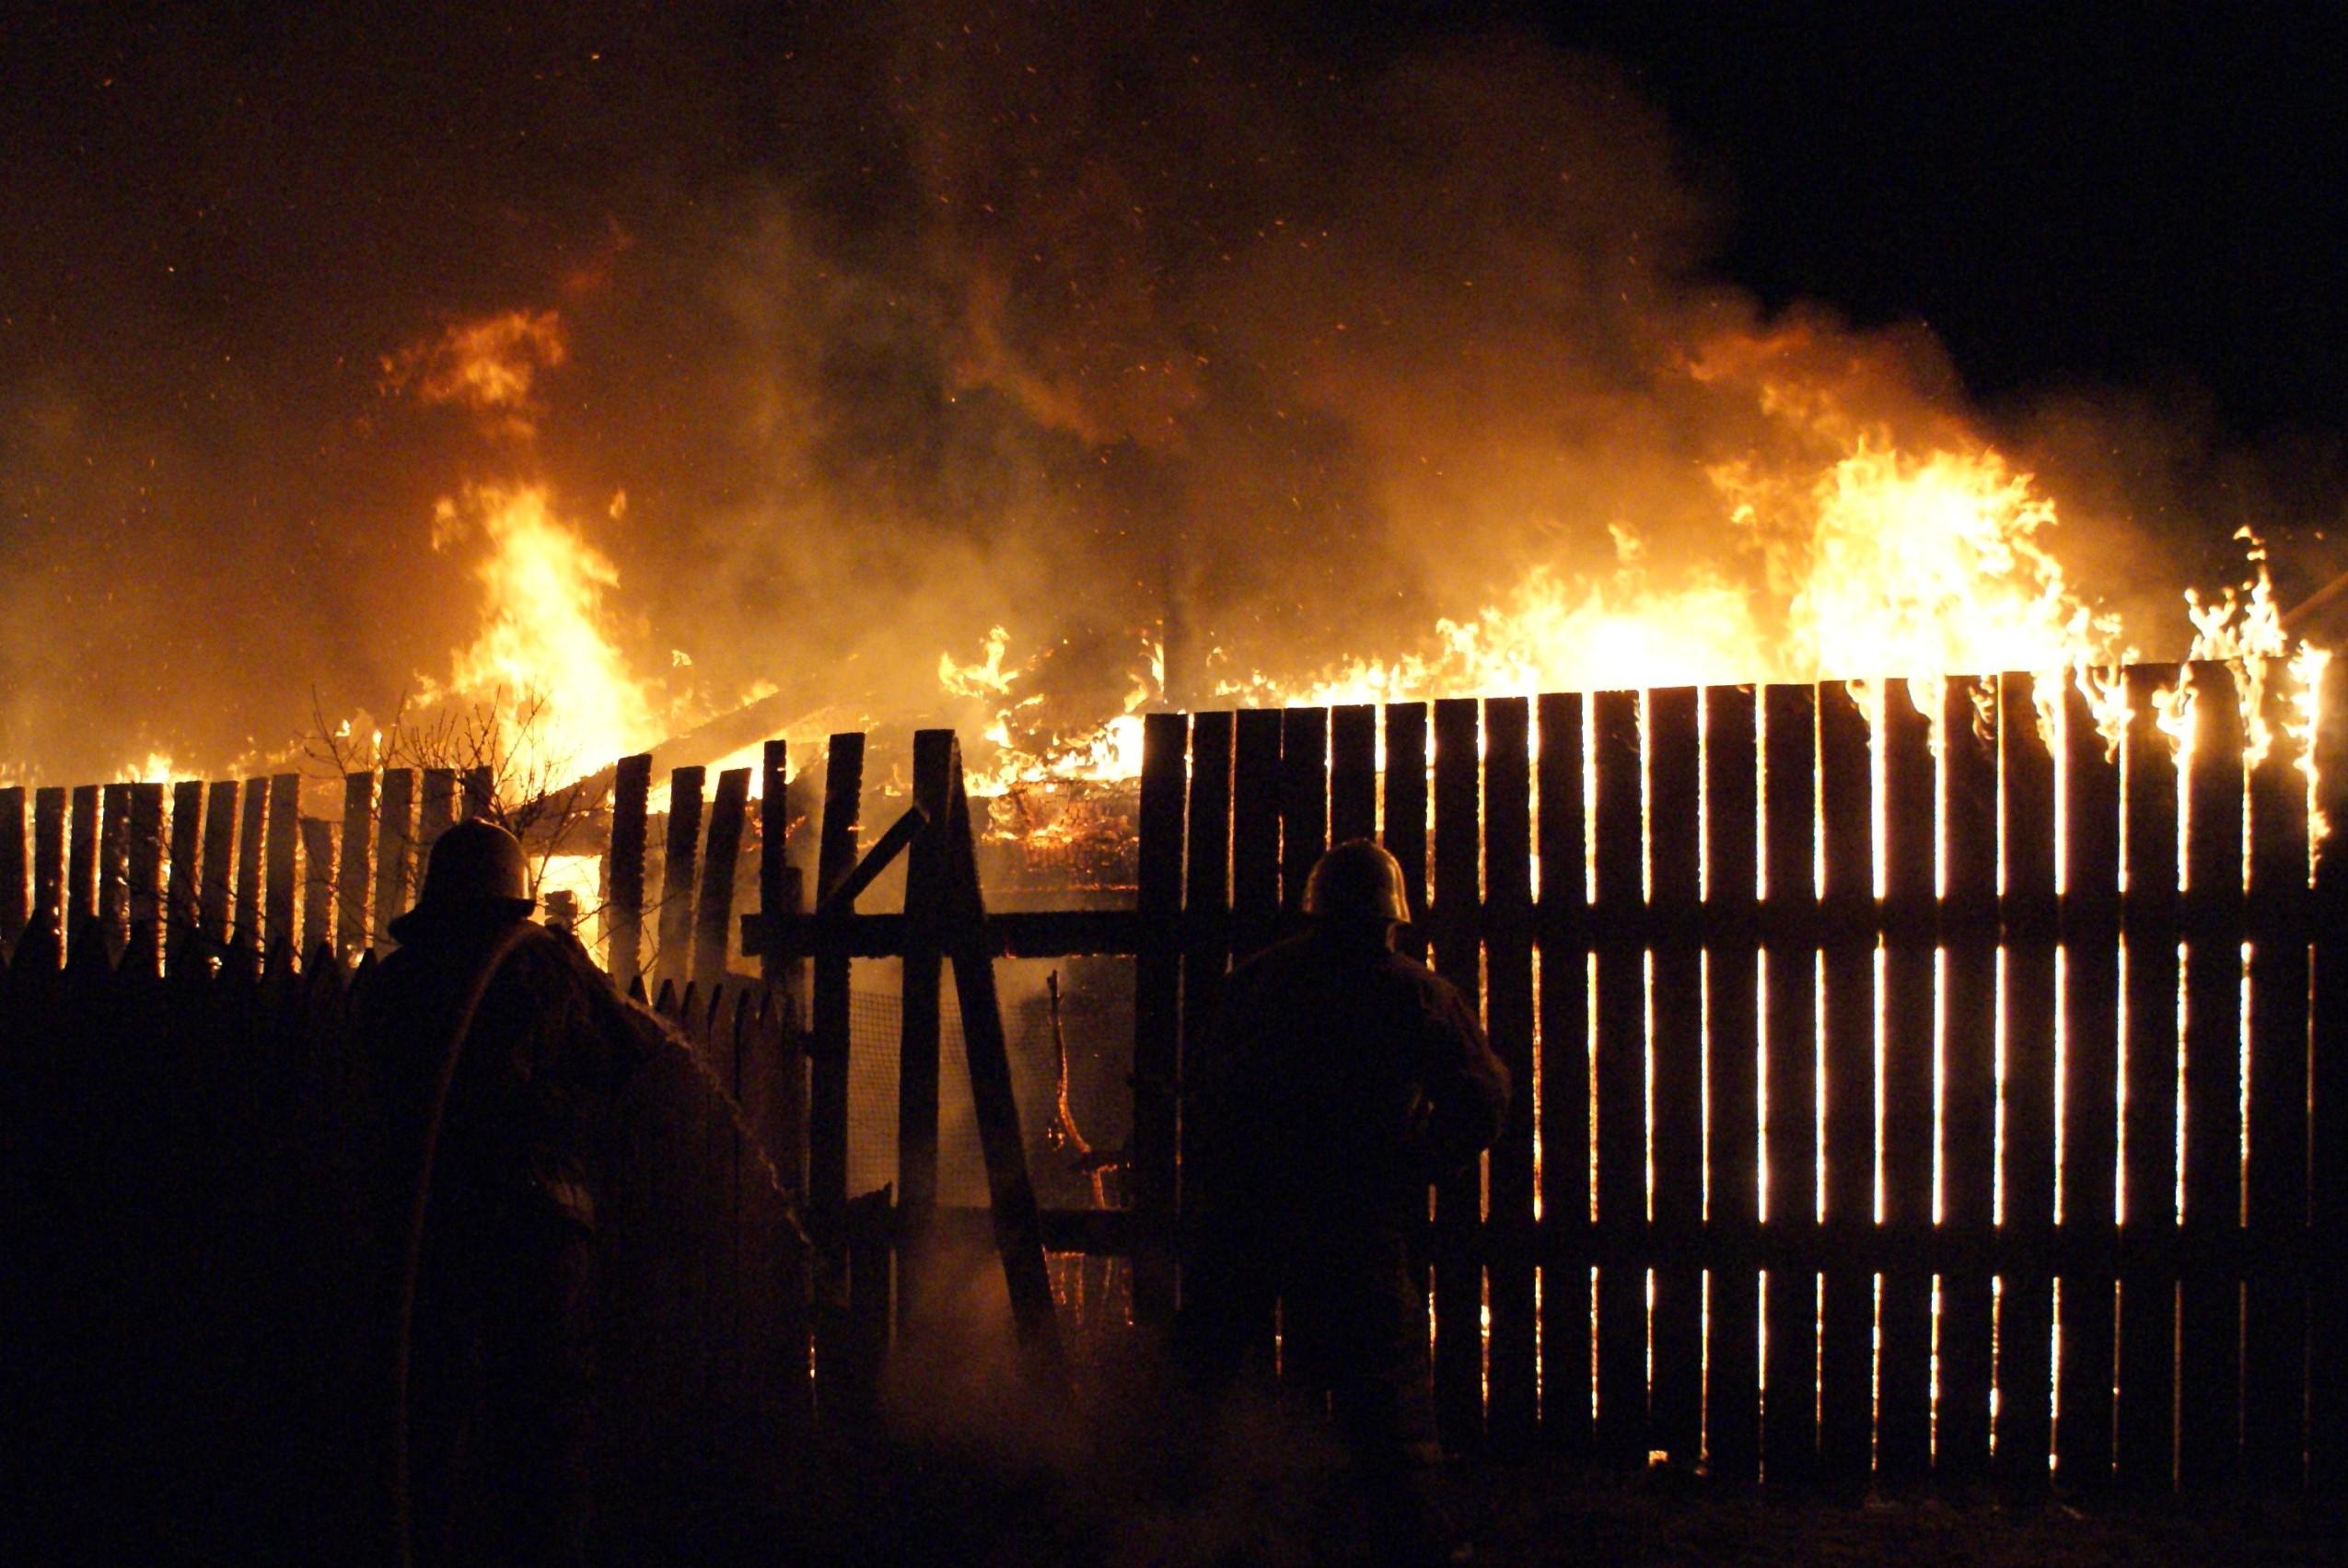 По меньшей мере 14 человек погибли в результате пожаров в Хакасии